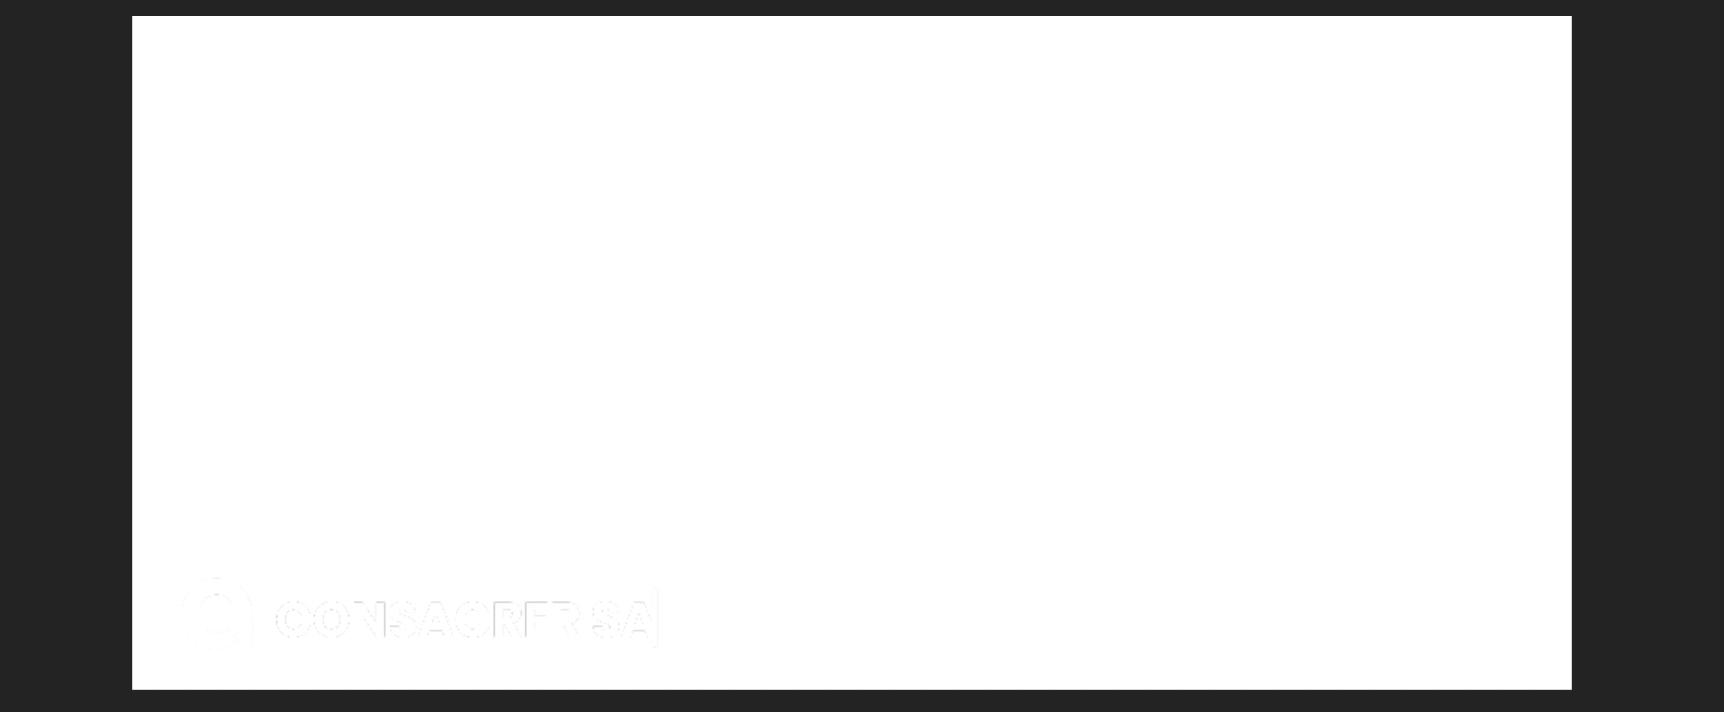 Capture d'écran 2020-07-16 à 10.02.14.png